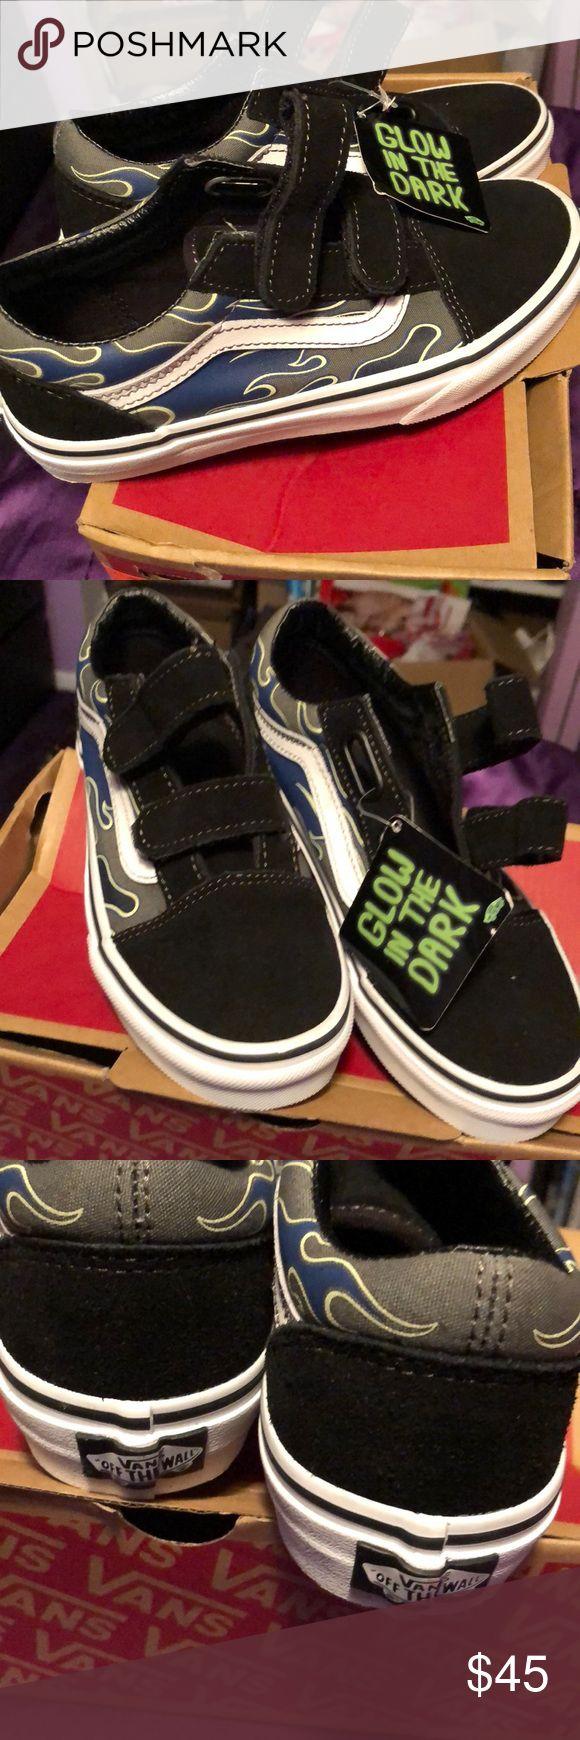 Boys Van Shoes Boys Vans shoes Shoes Sneakers